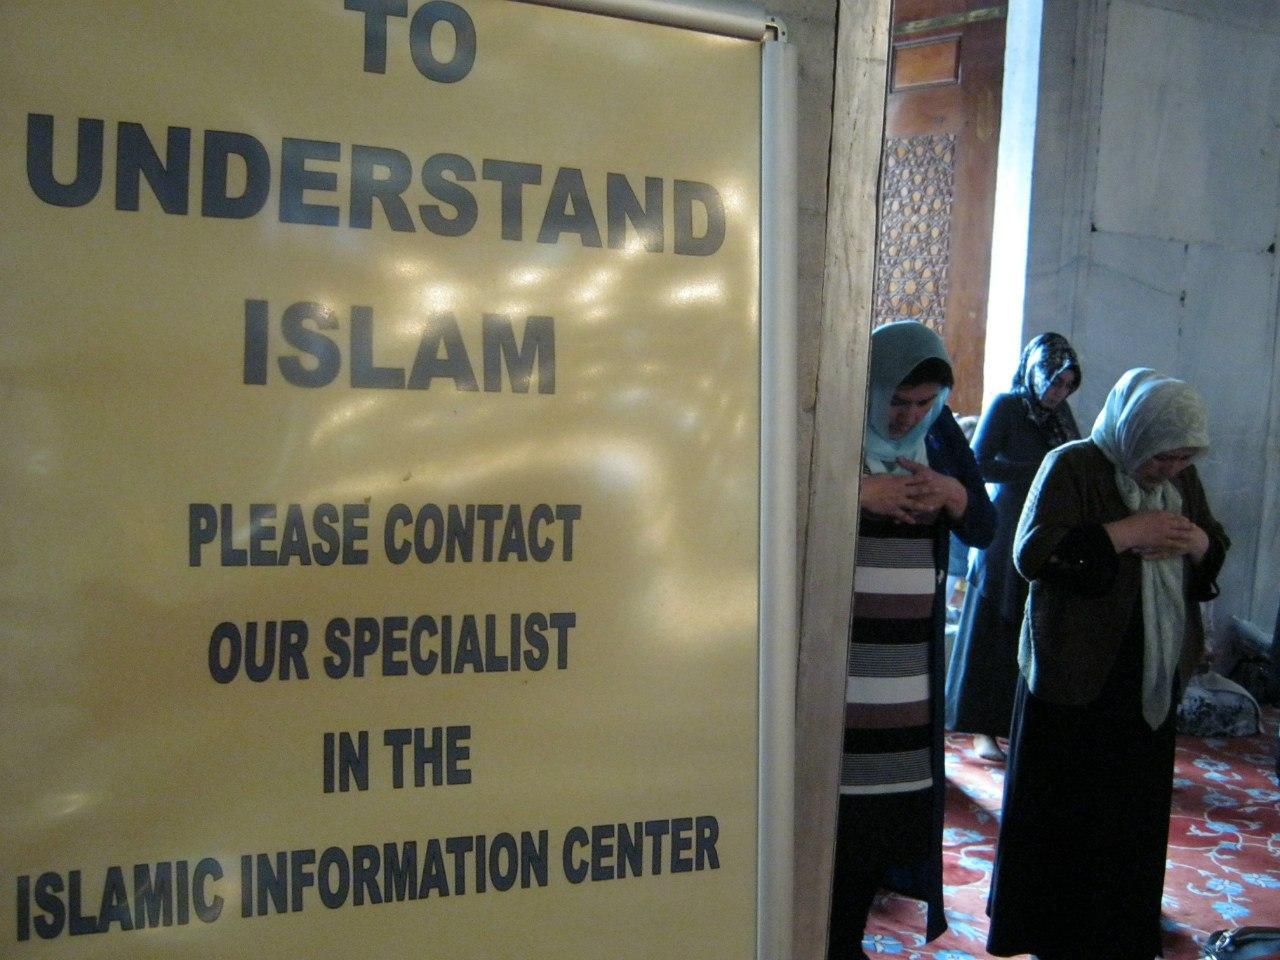 Для понимания Ислама обратитесь к нашему специалисту